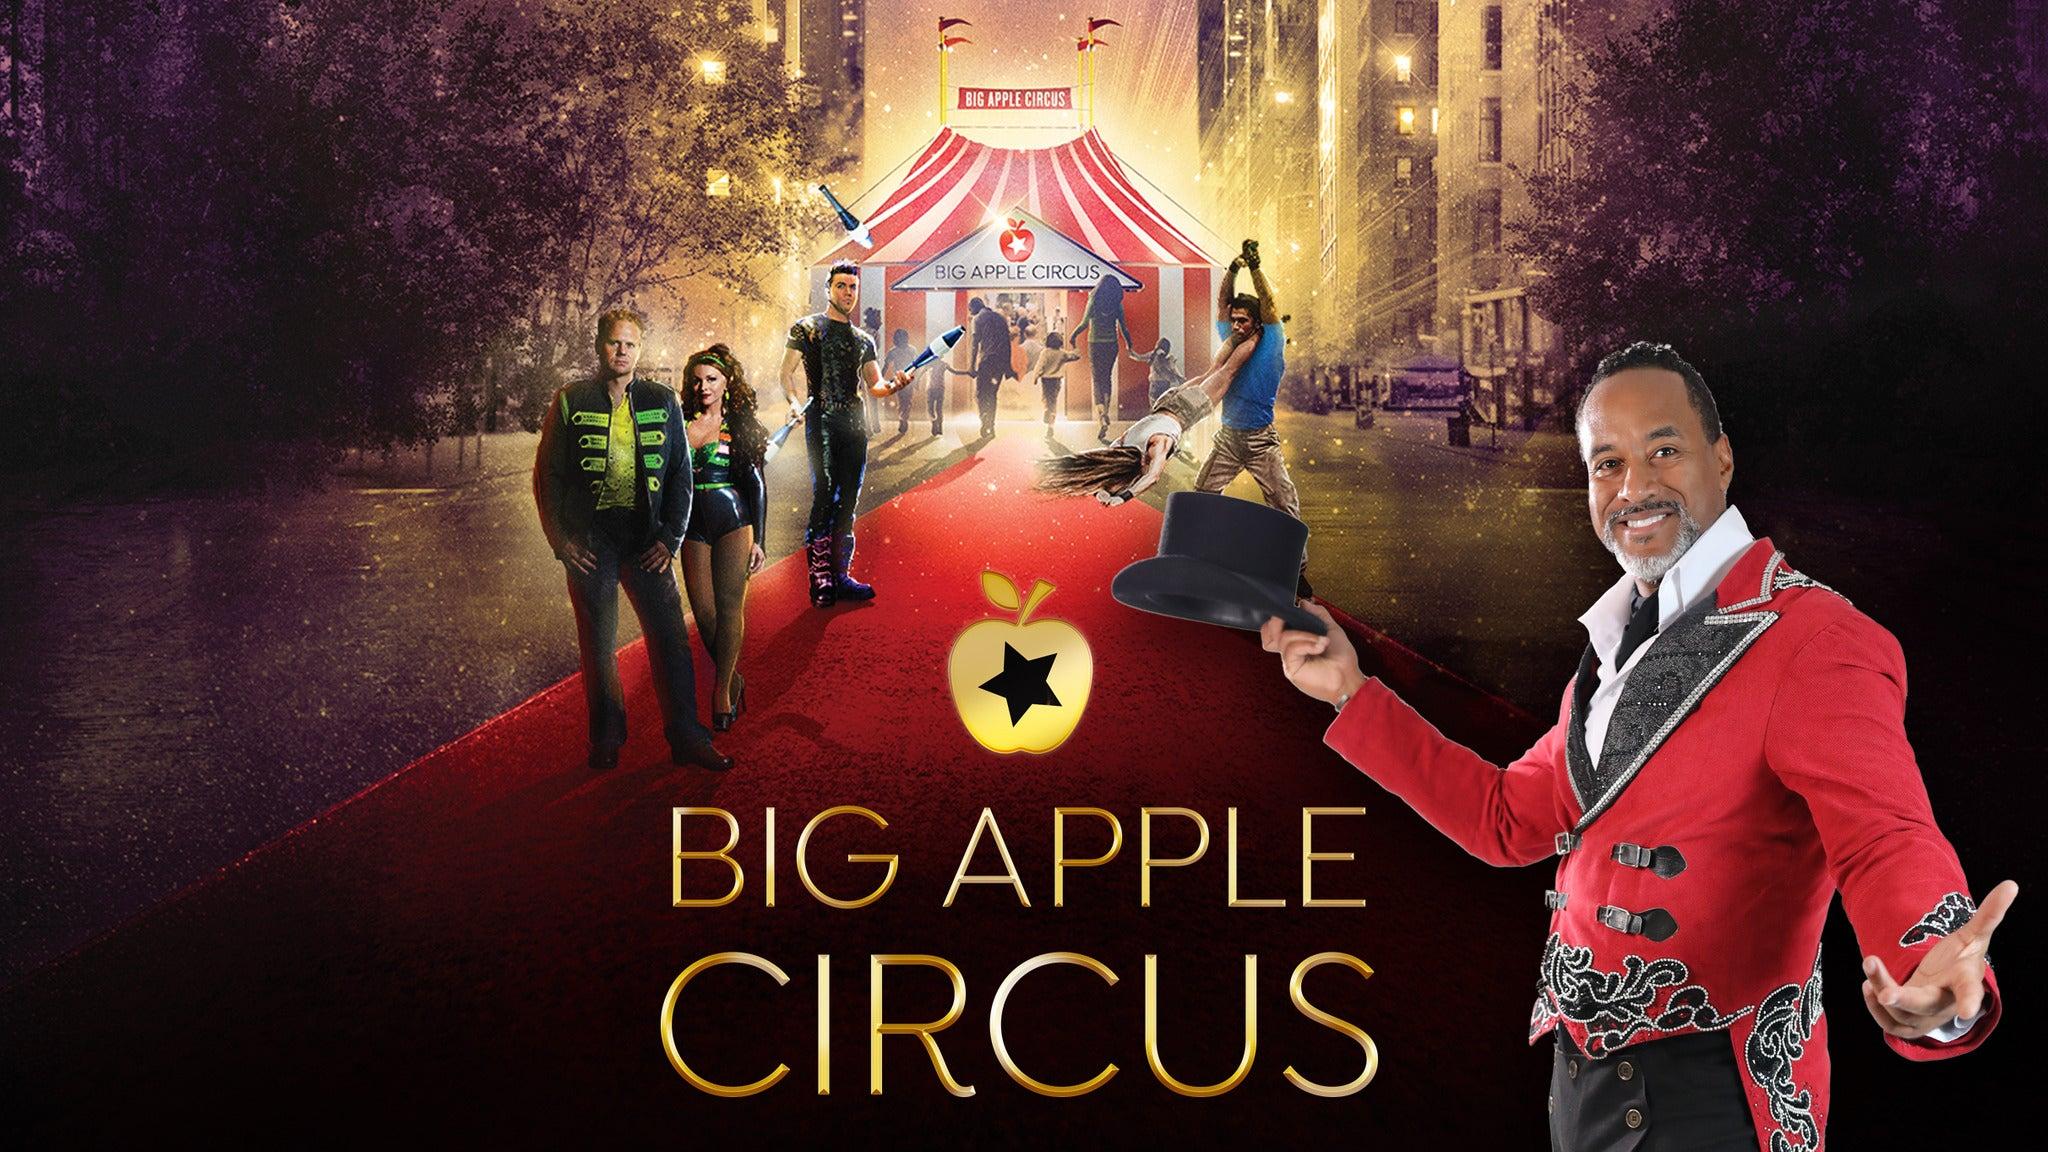 Big Apple Circus - Boston